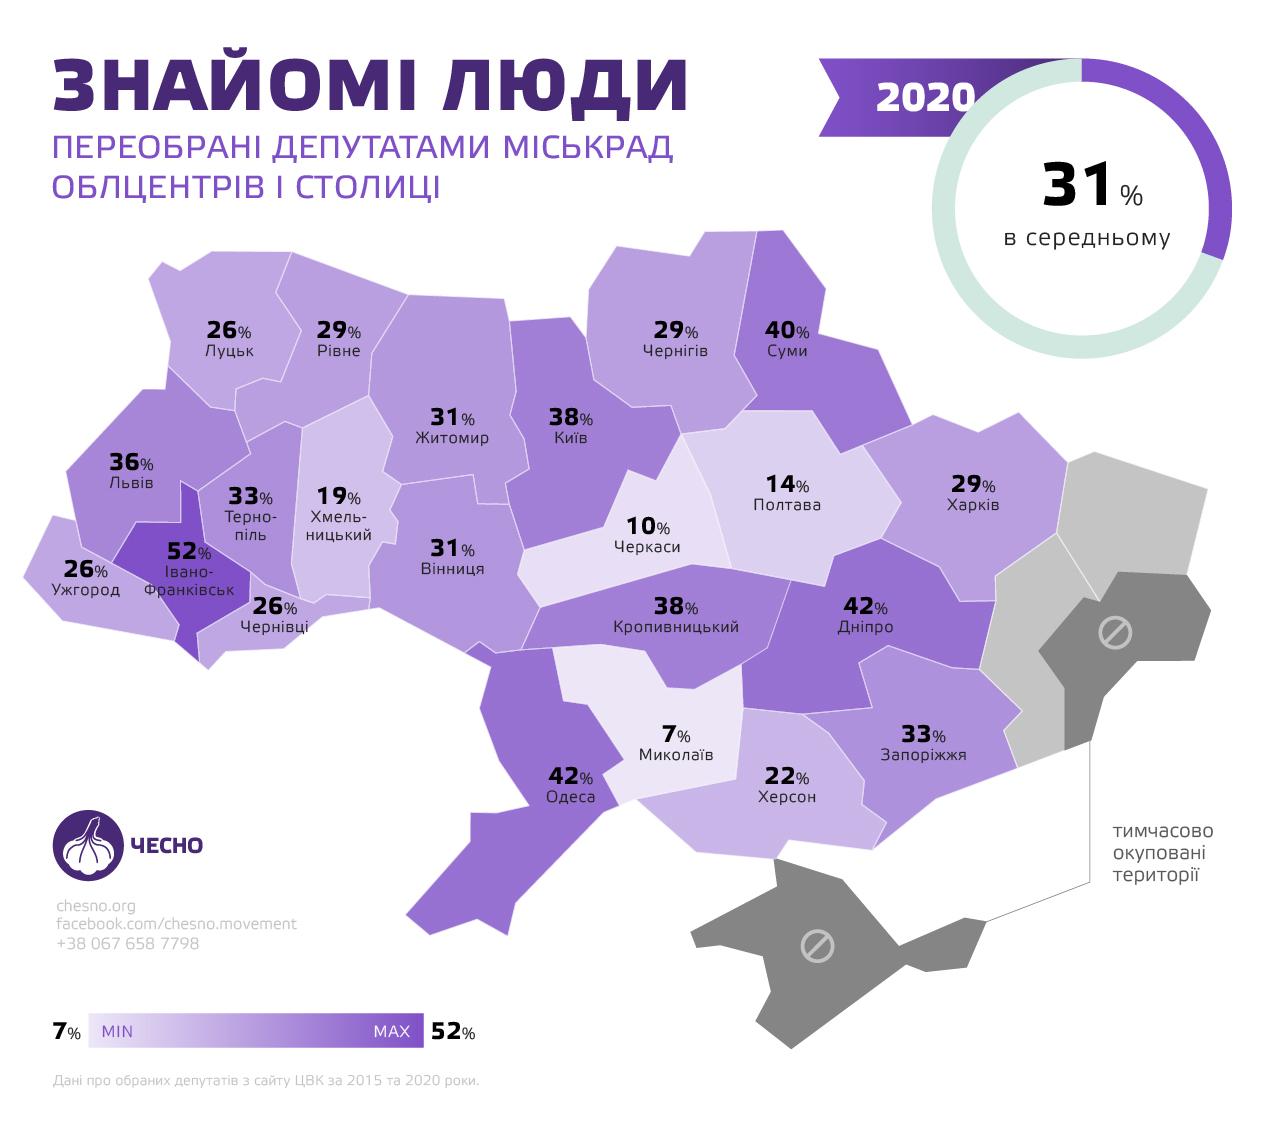 Чому 31% депутатів в Україні обрали повторно? -  - image3